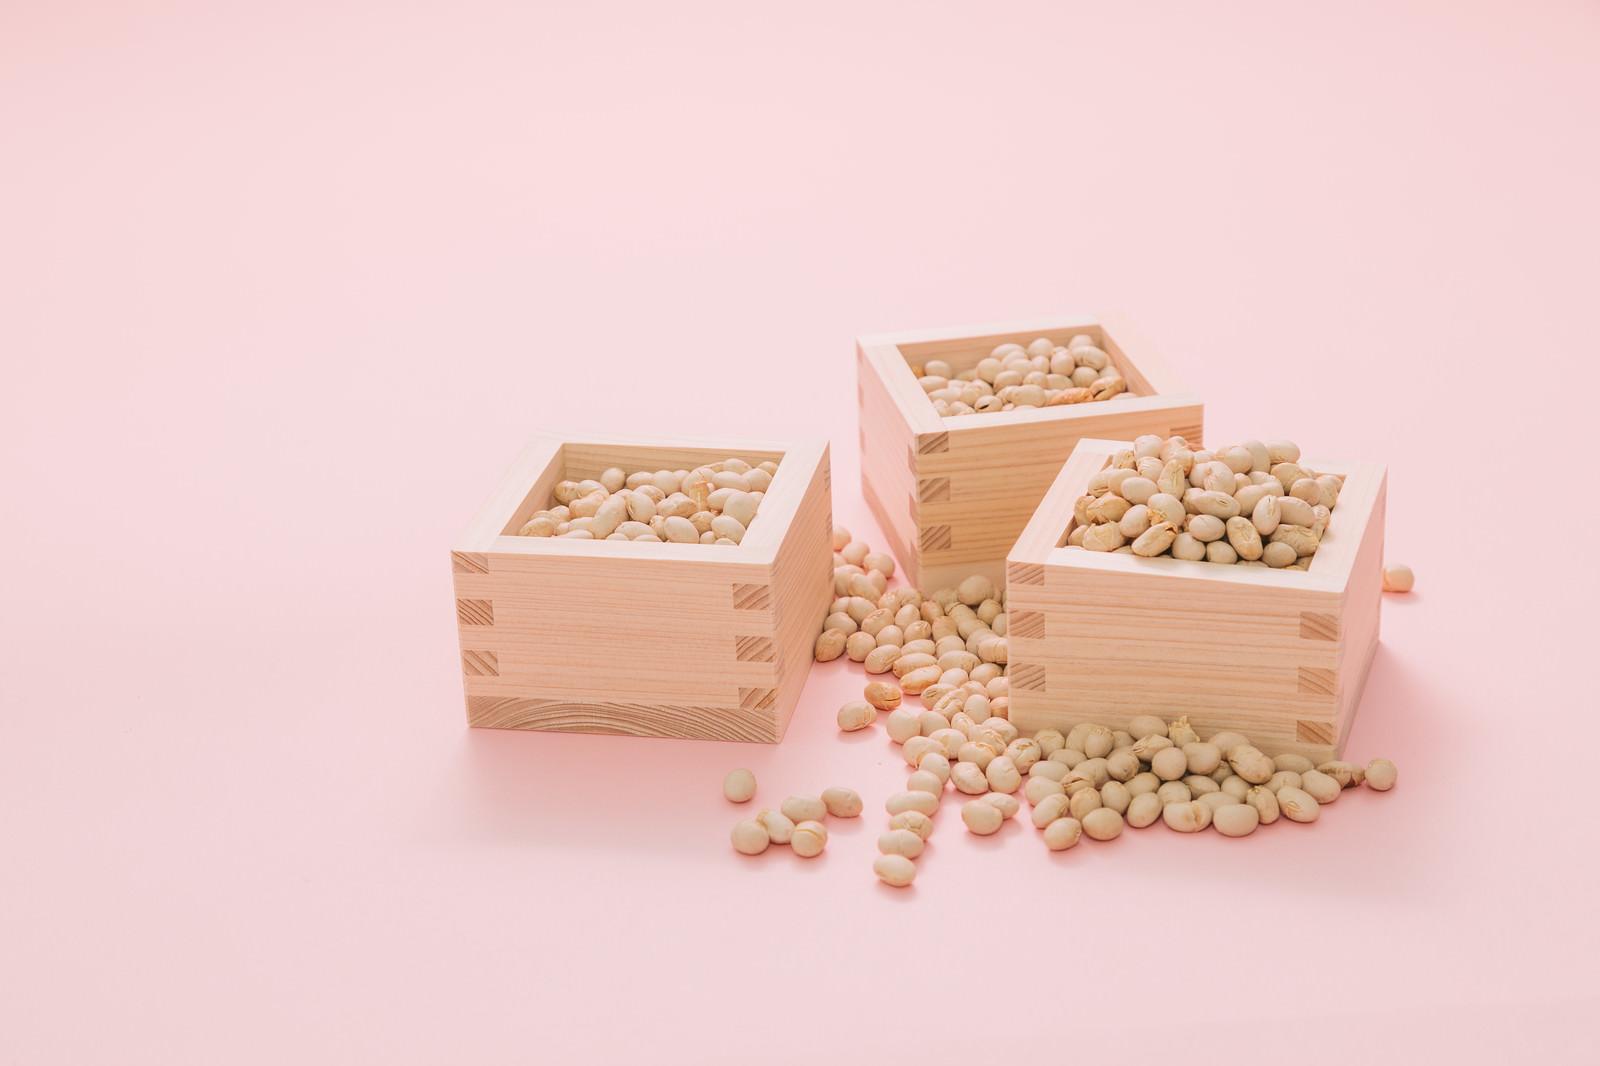 「節分福豆」の写真